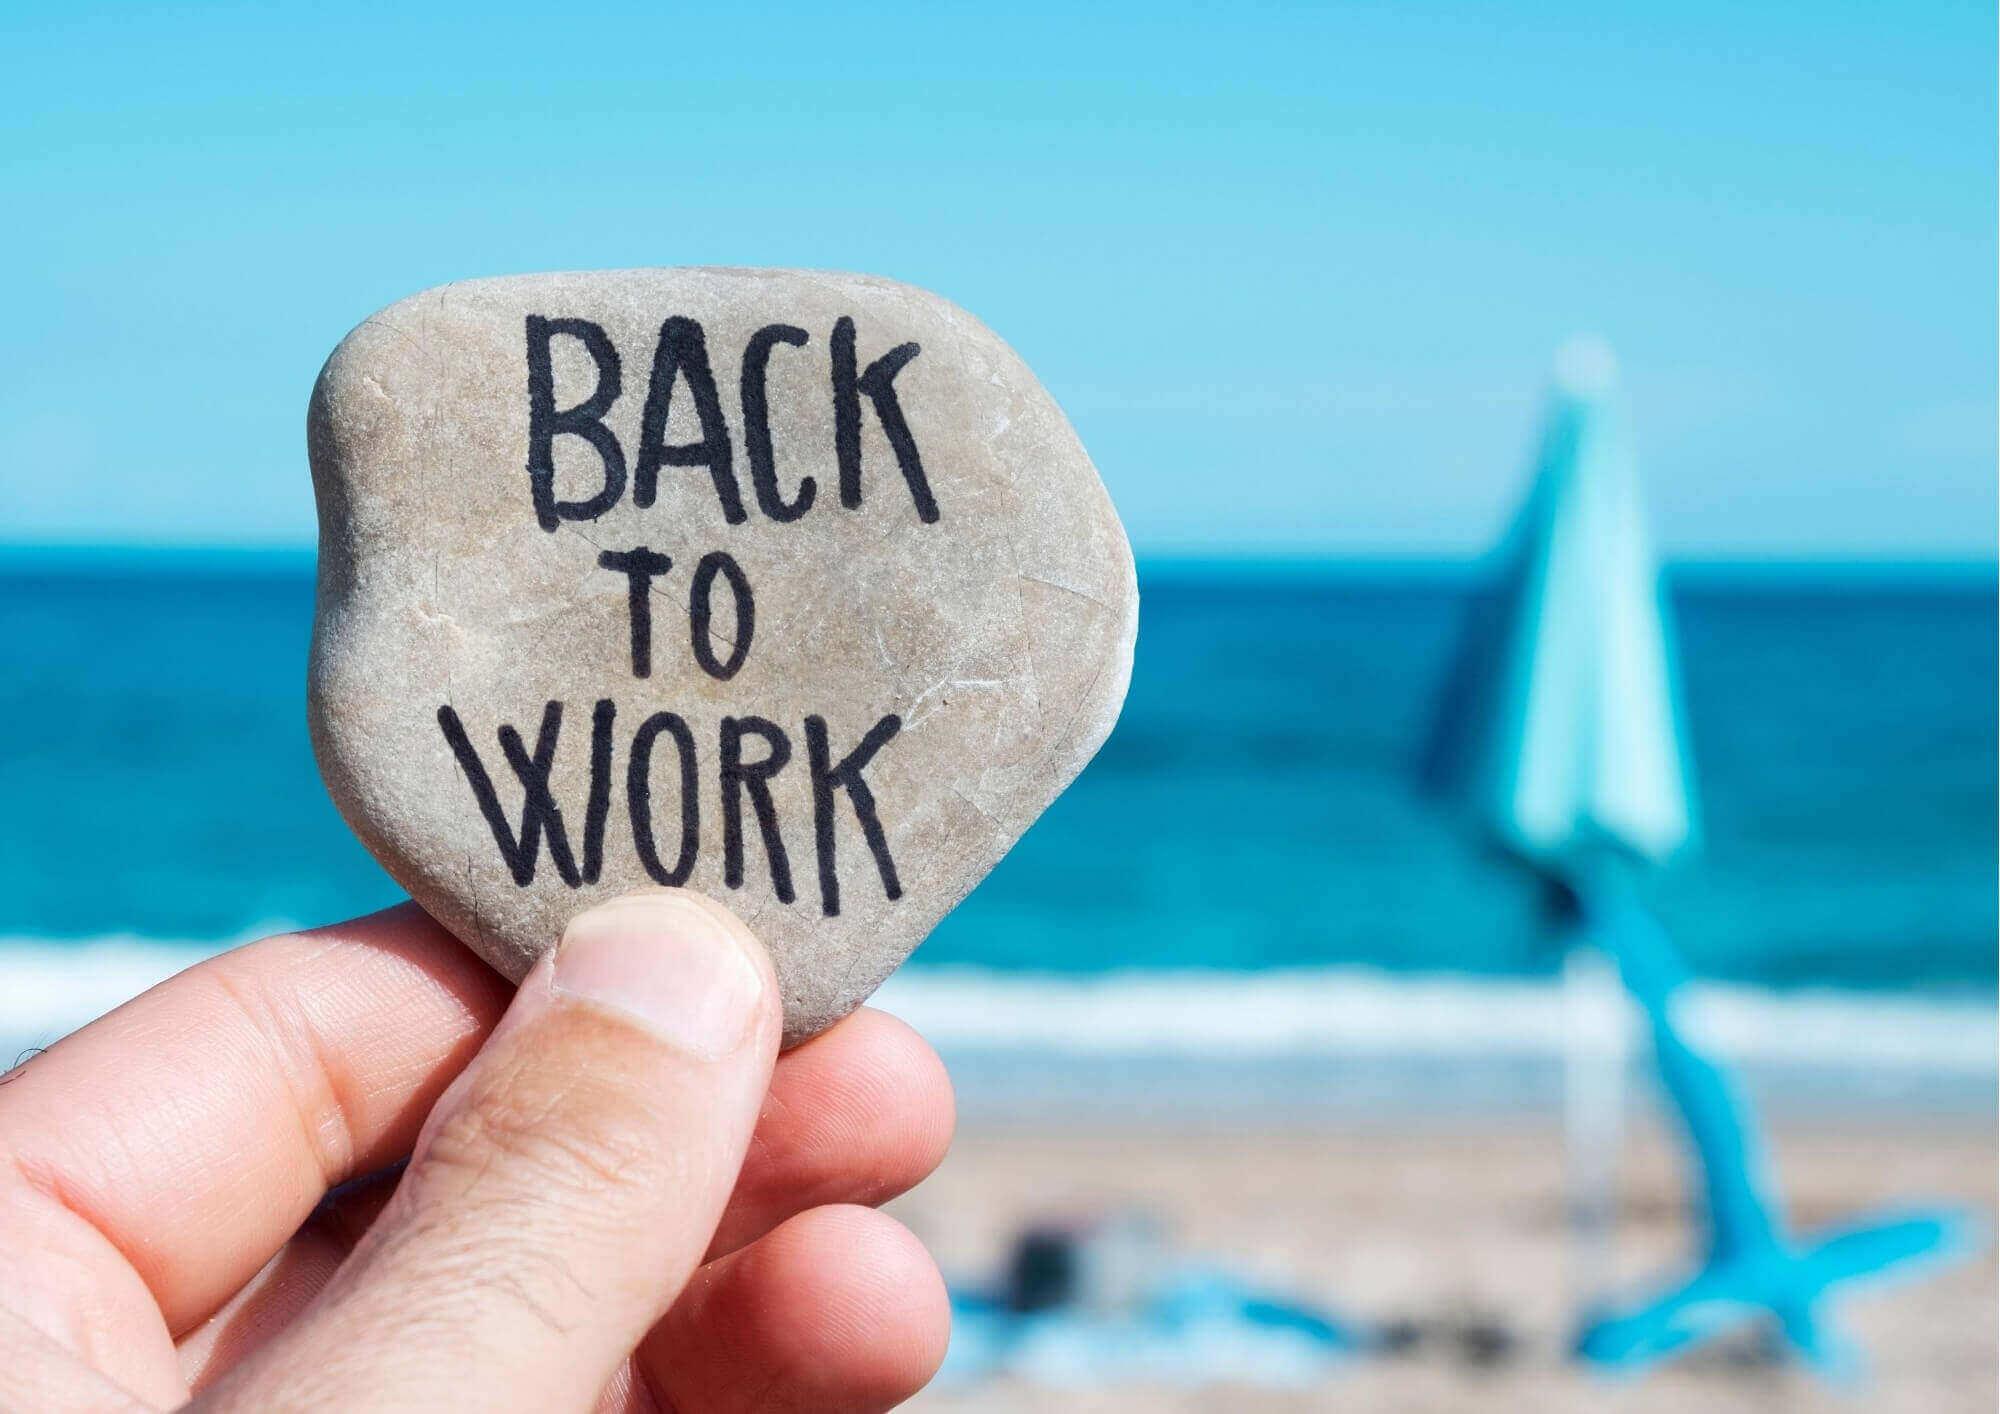 CMBMediala liderar equipos a la vuelta al trabajo. Vuelta al trabajo (Back to work) sobre piedra y al fondo la playa